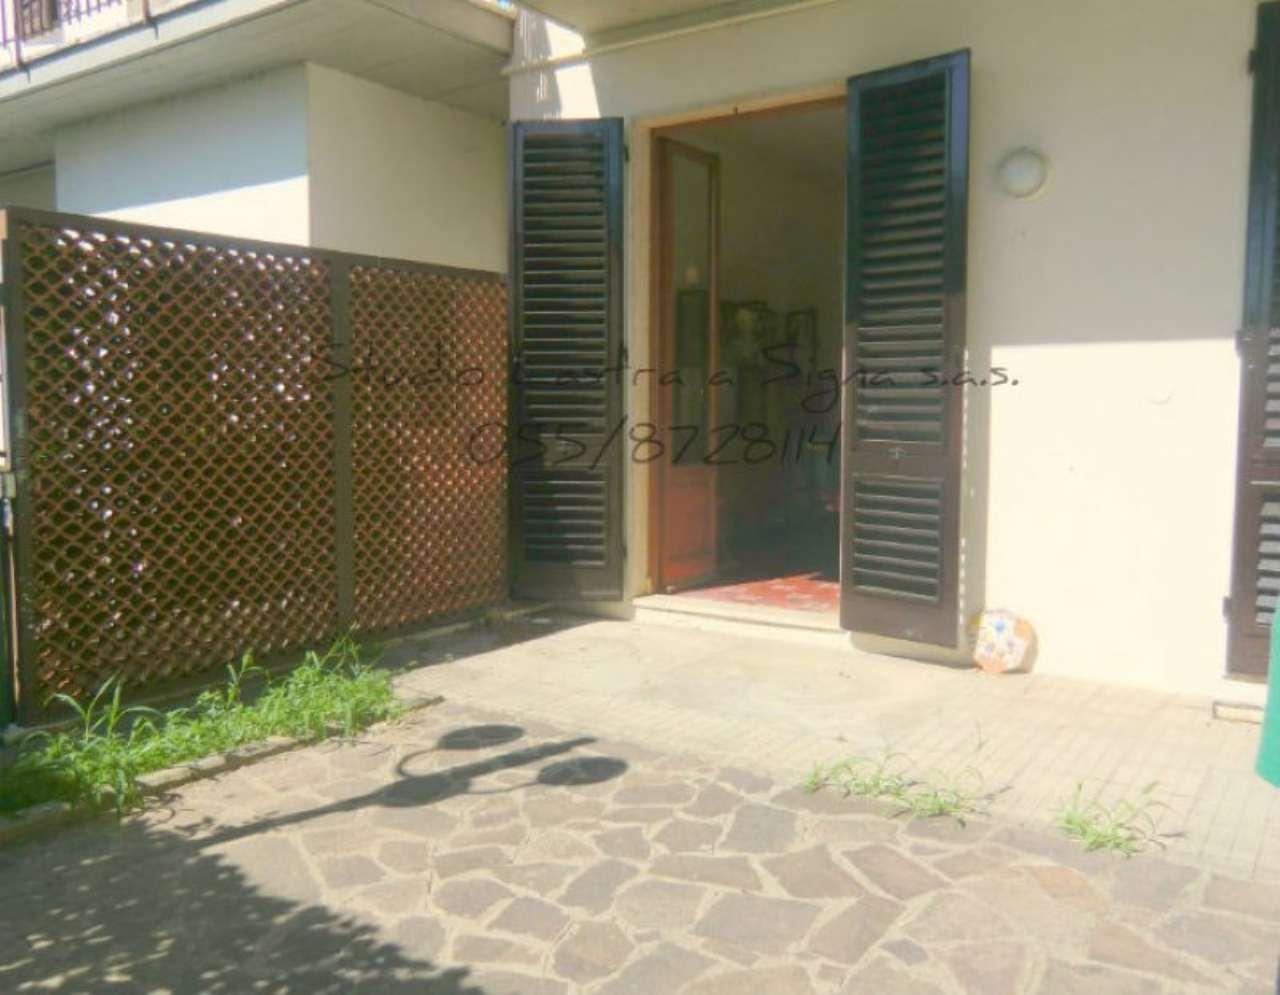 Palazzo / Stabile in vendita a Lastra a Signa, 5 locali, prezzo € 248.000 | CambioCasa.it